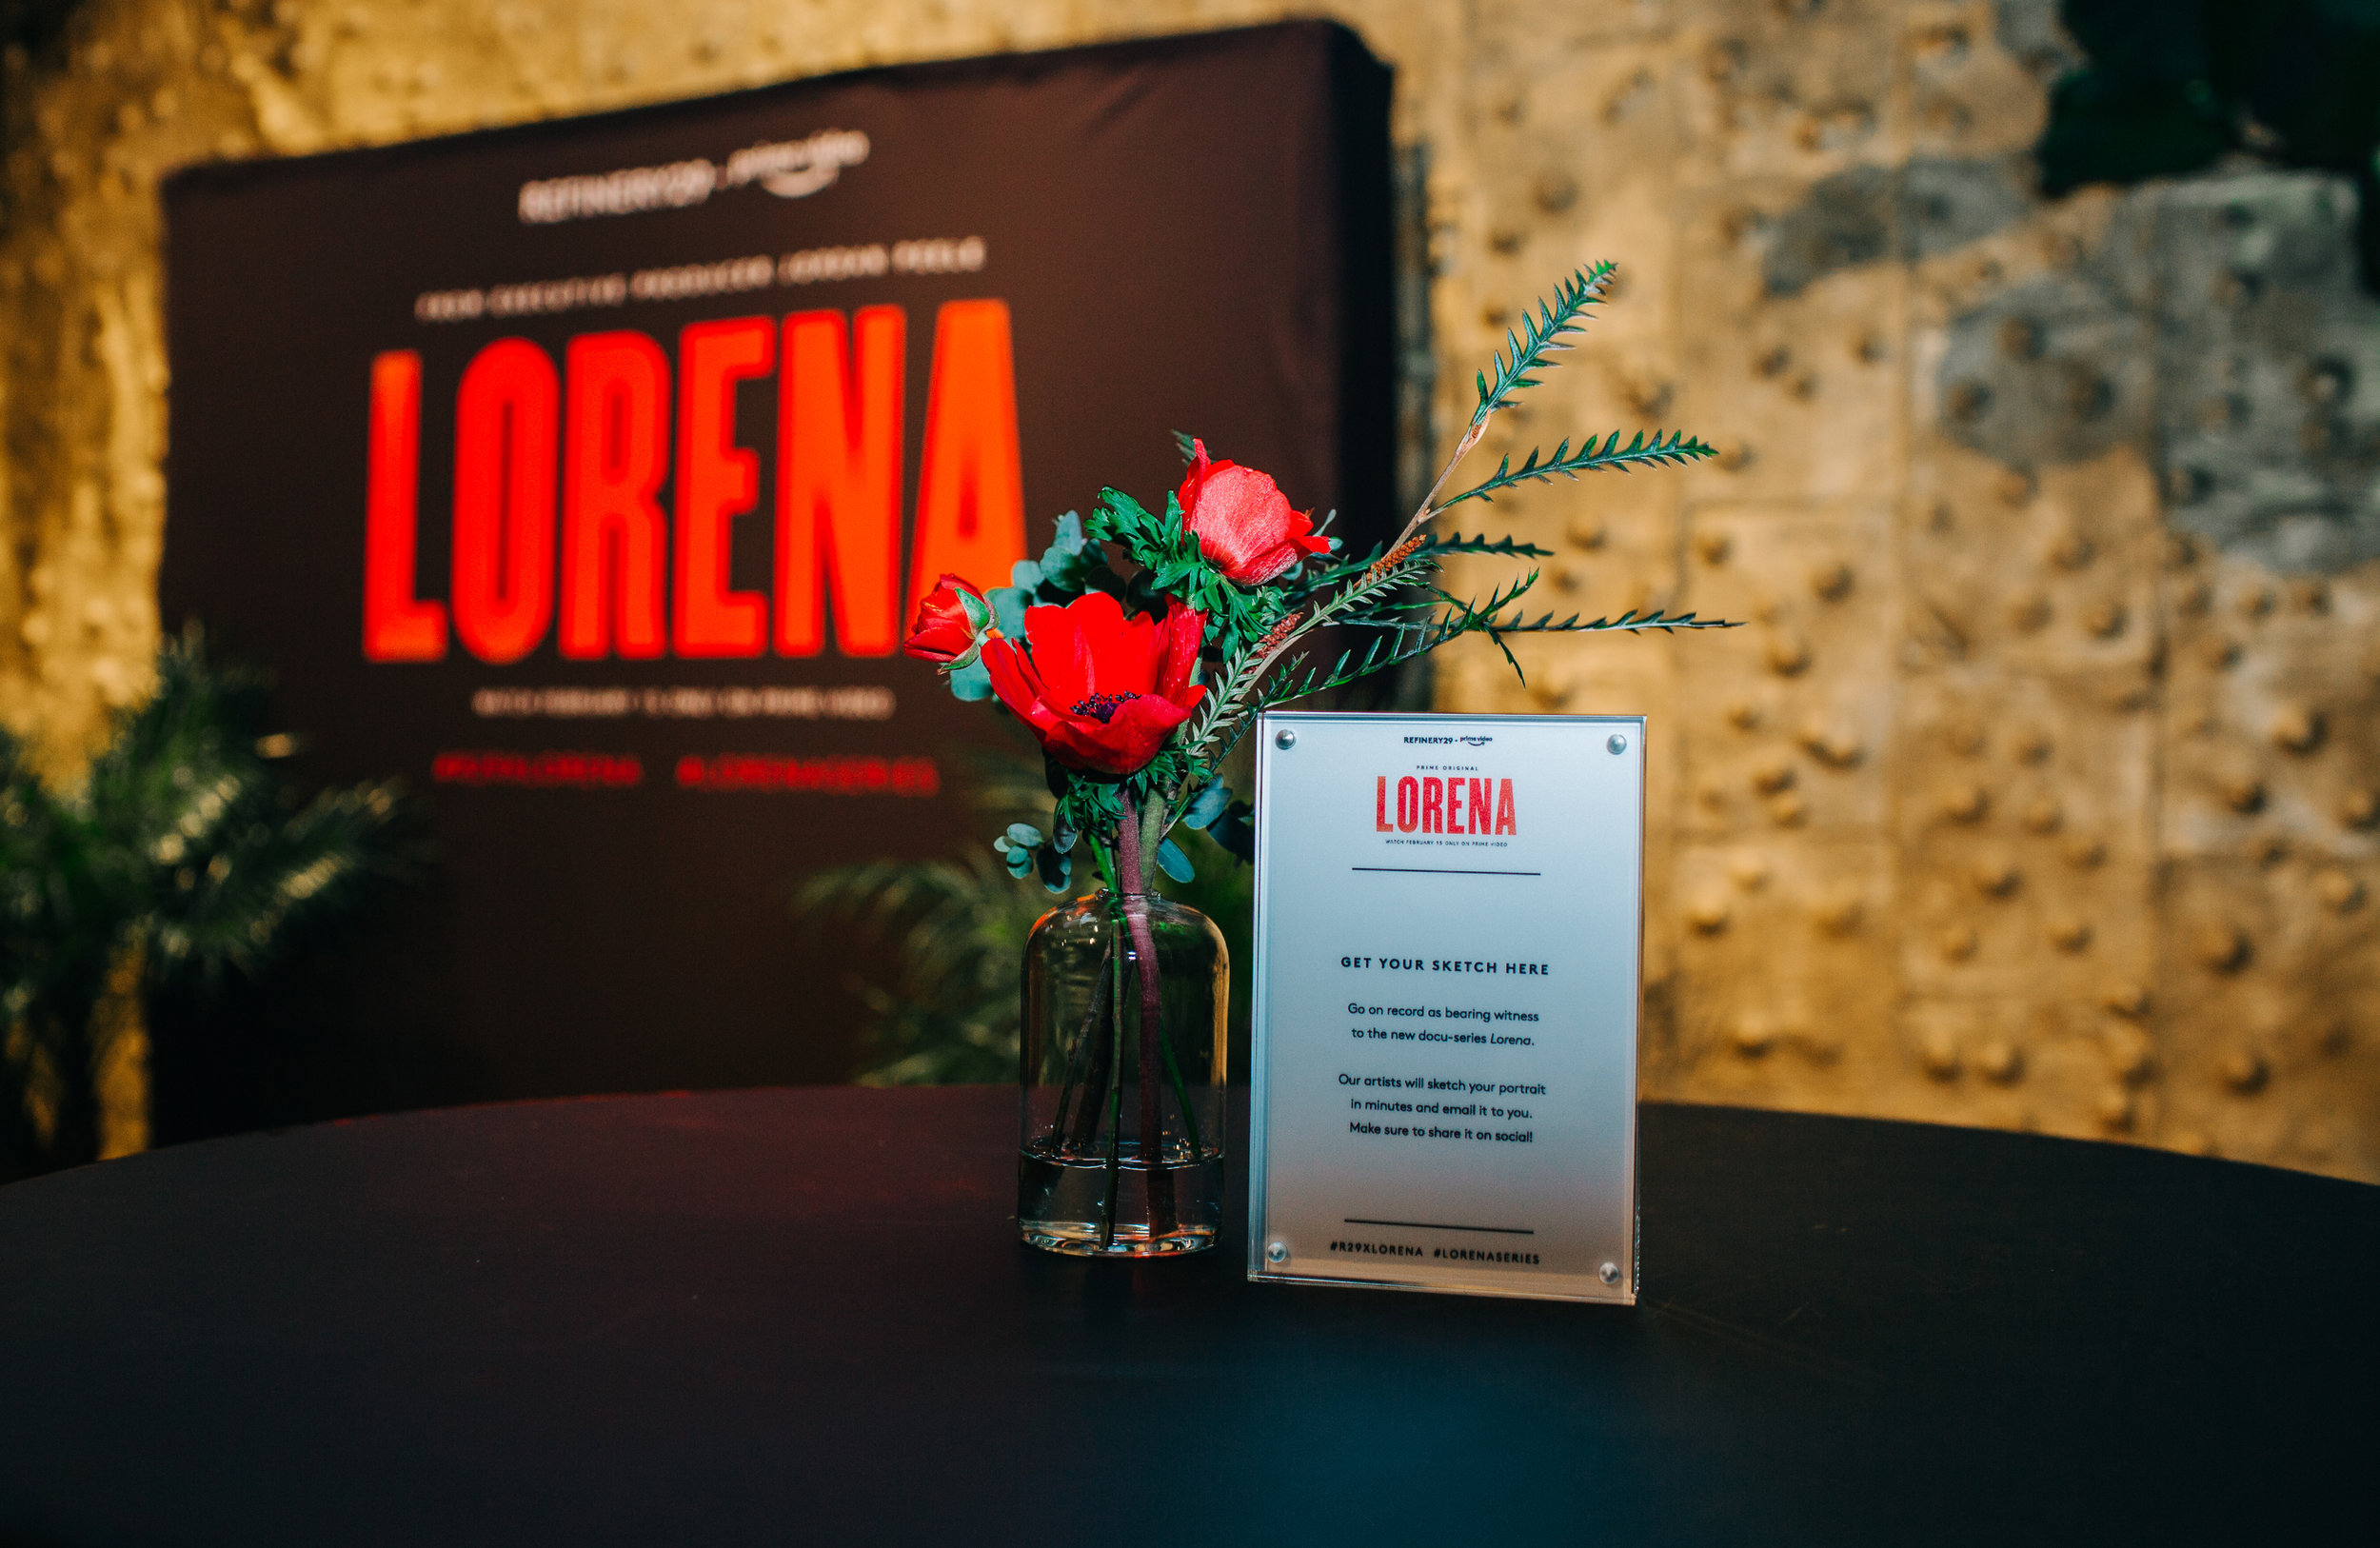 lorena website-1.jpg